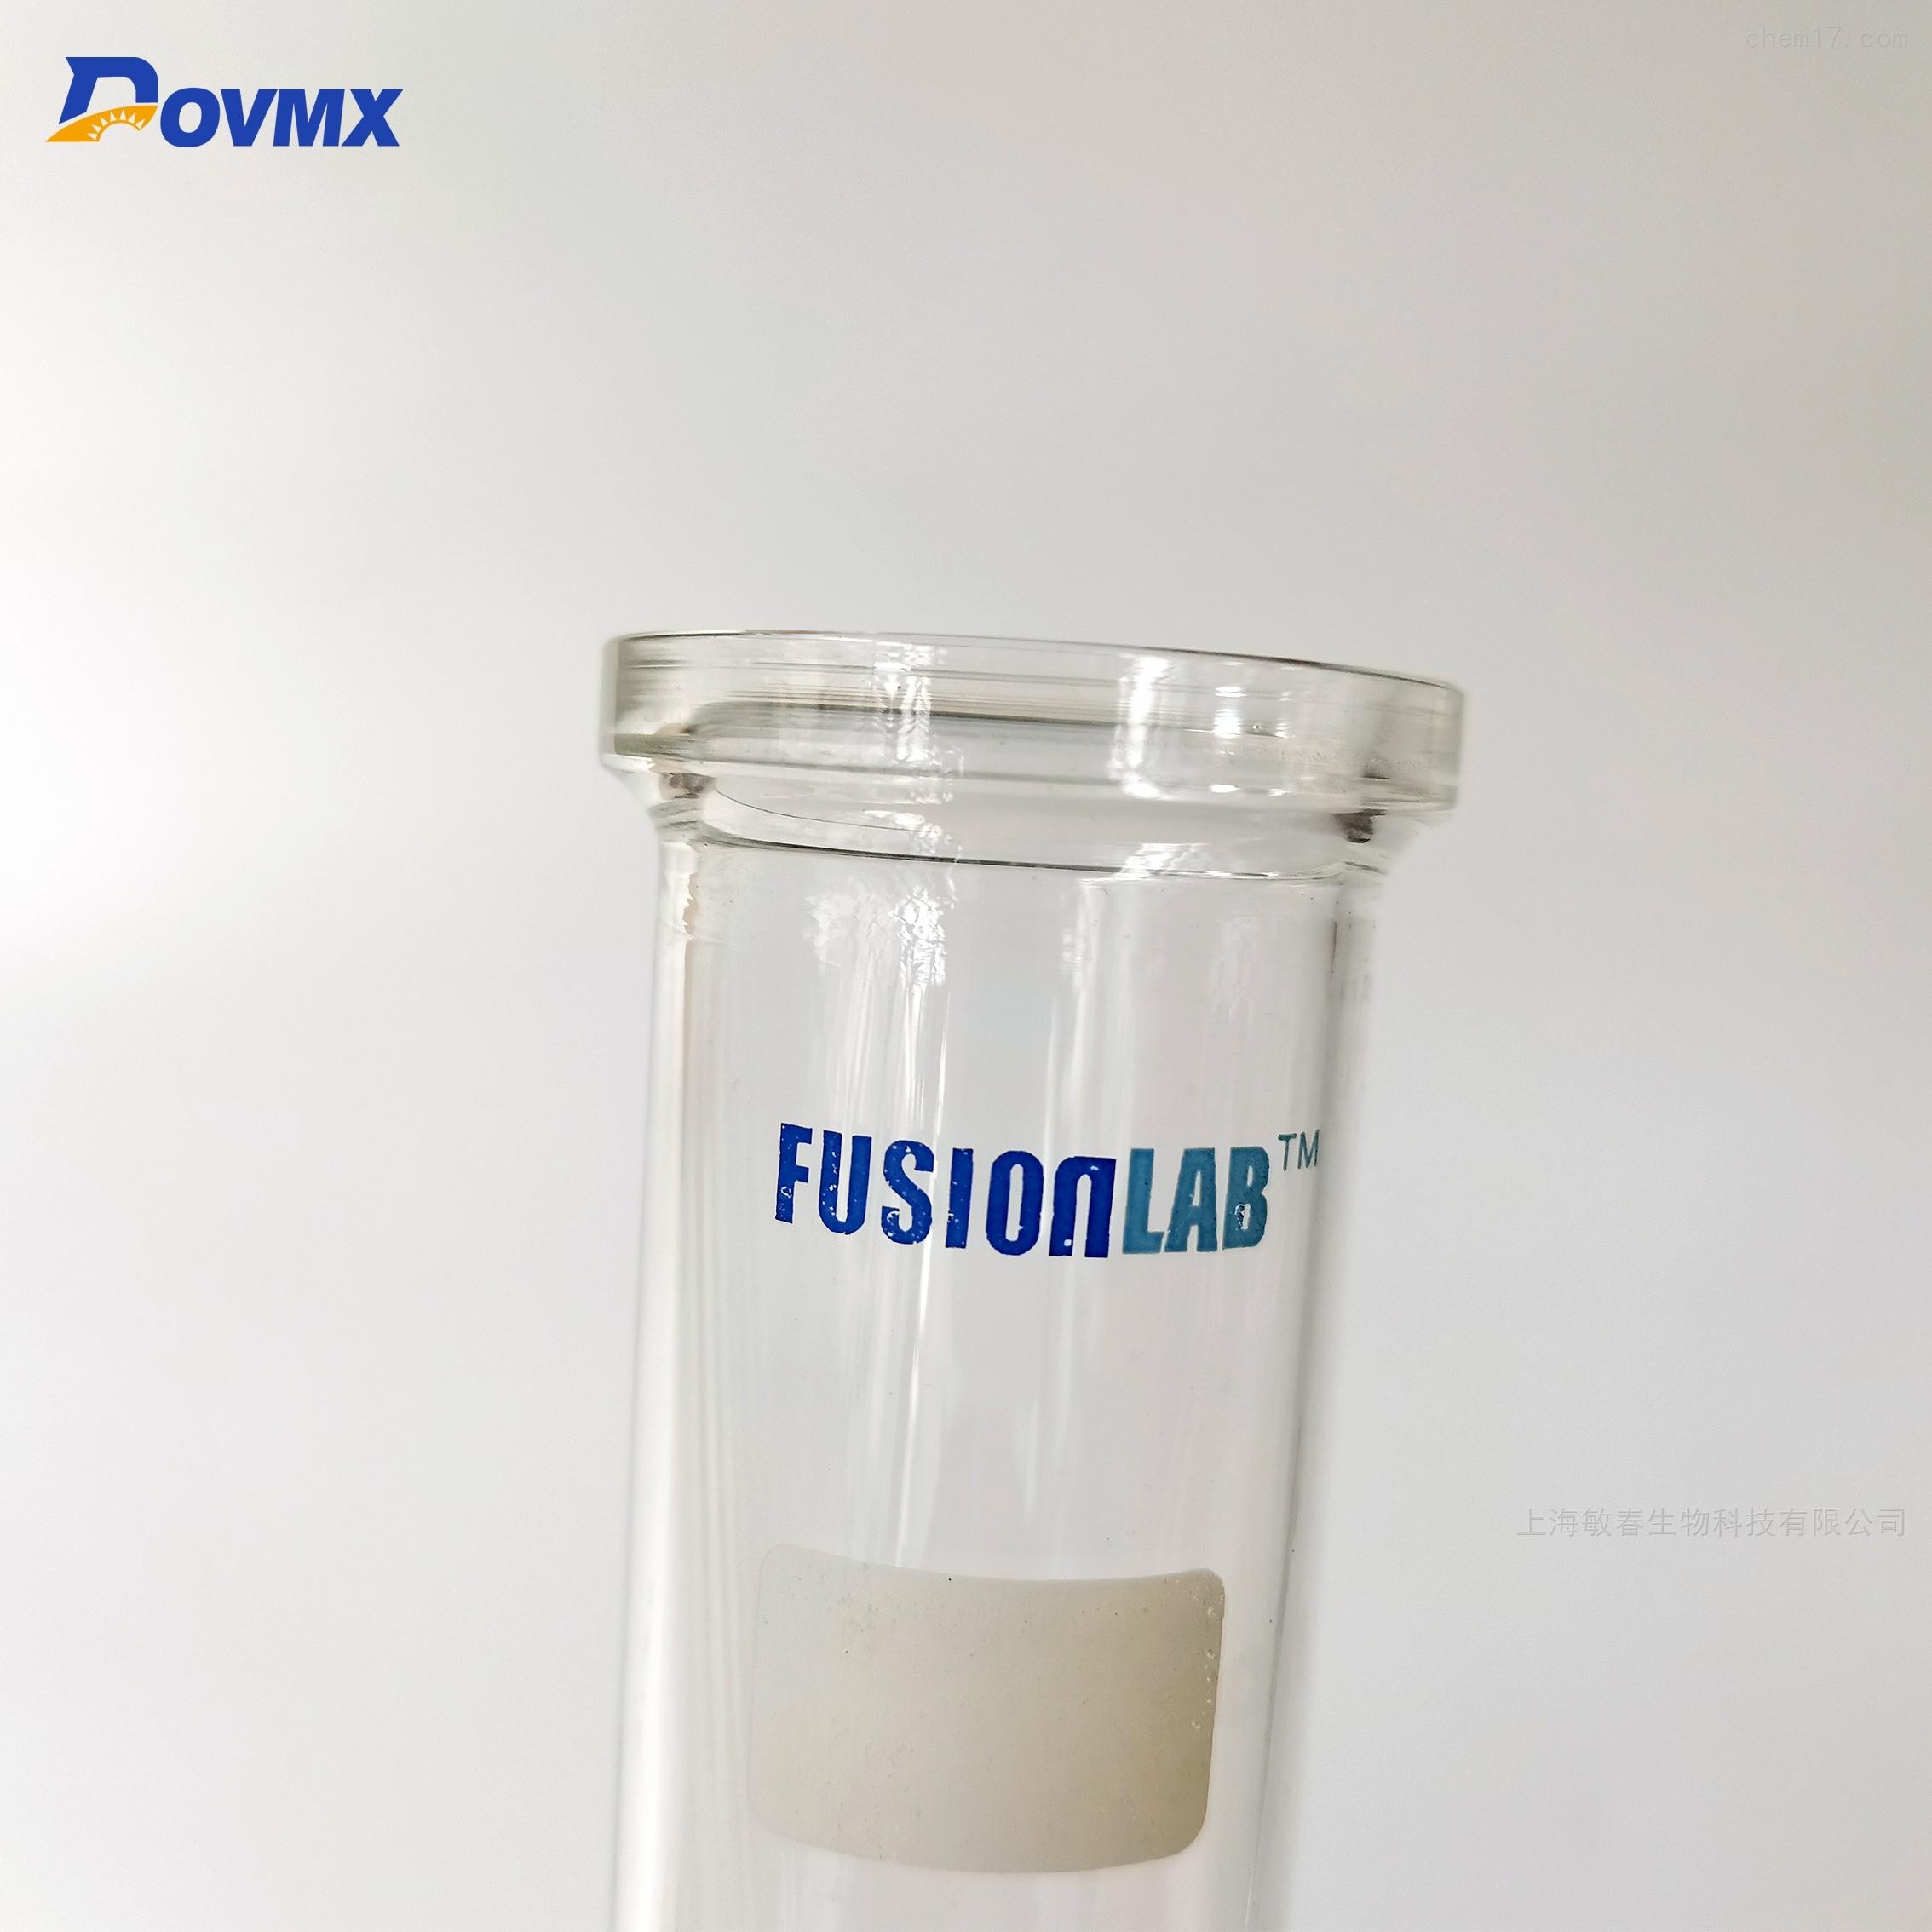 高硼硅玻璃消化管